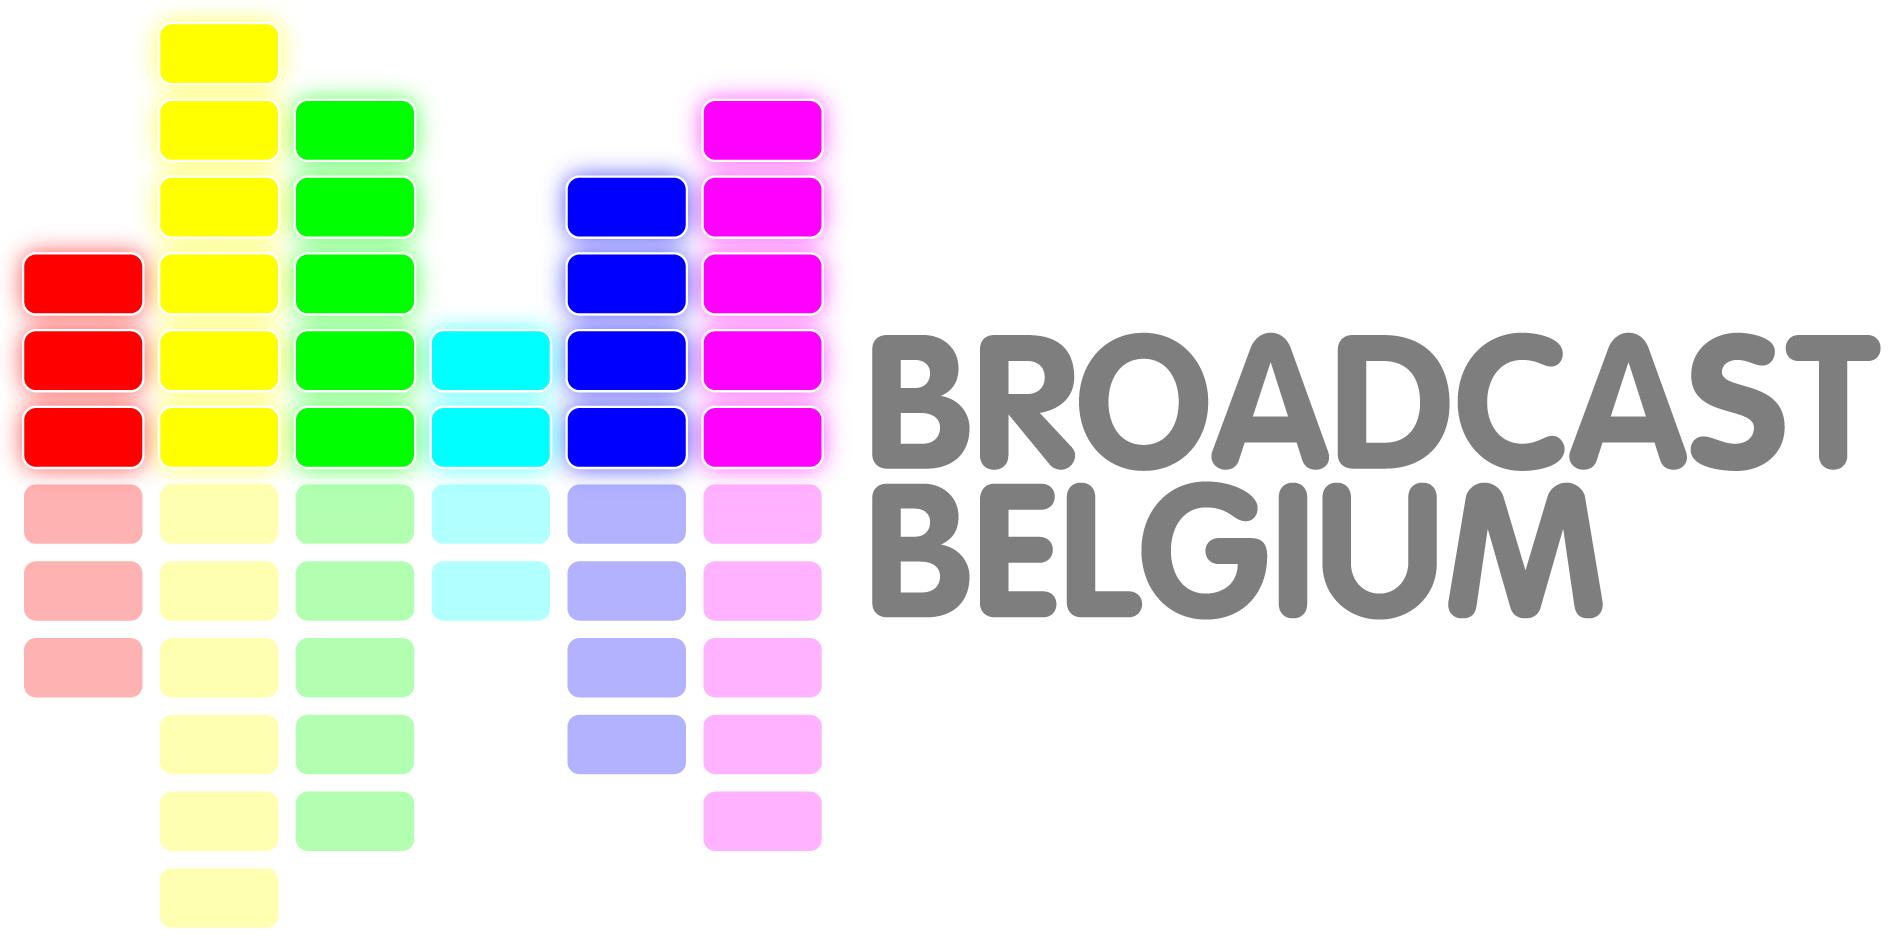 Broadcast Belgium